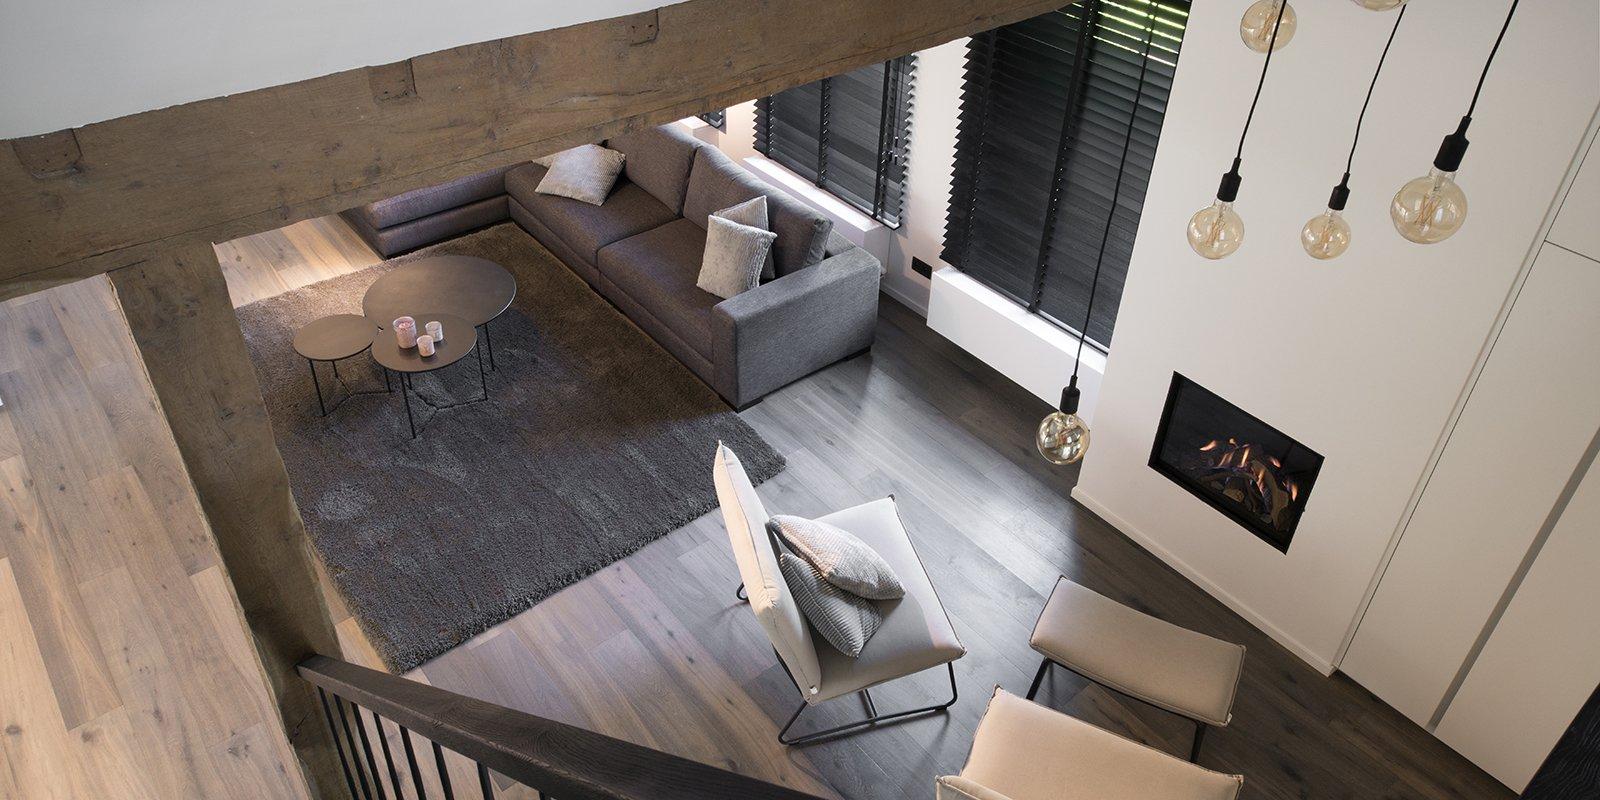 QTD, Interieur, Bank, Lounge, Sofa, Ramen, Shutters, Zonnewering, Woonkamer, Living, Verlichting, Haard, Kachel, Design,